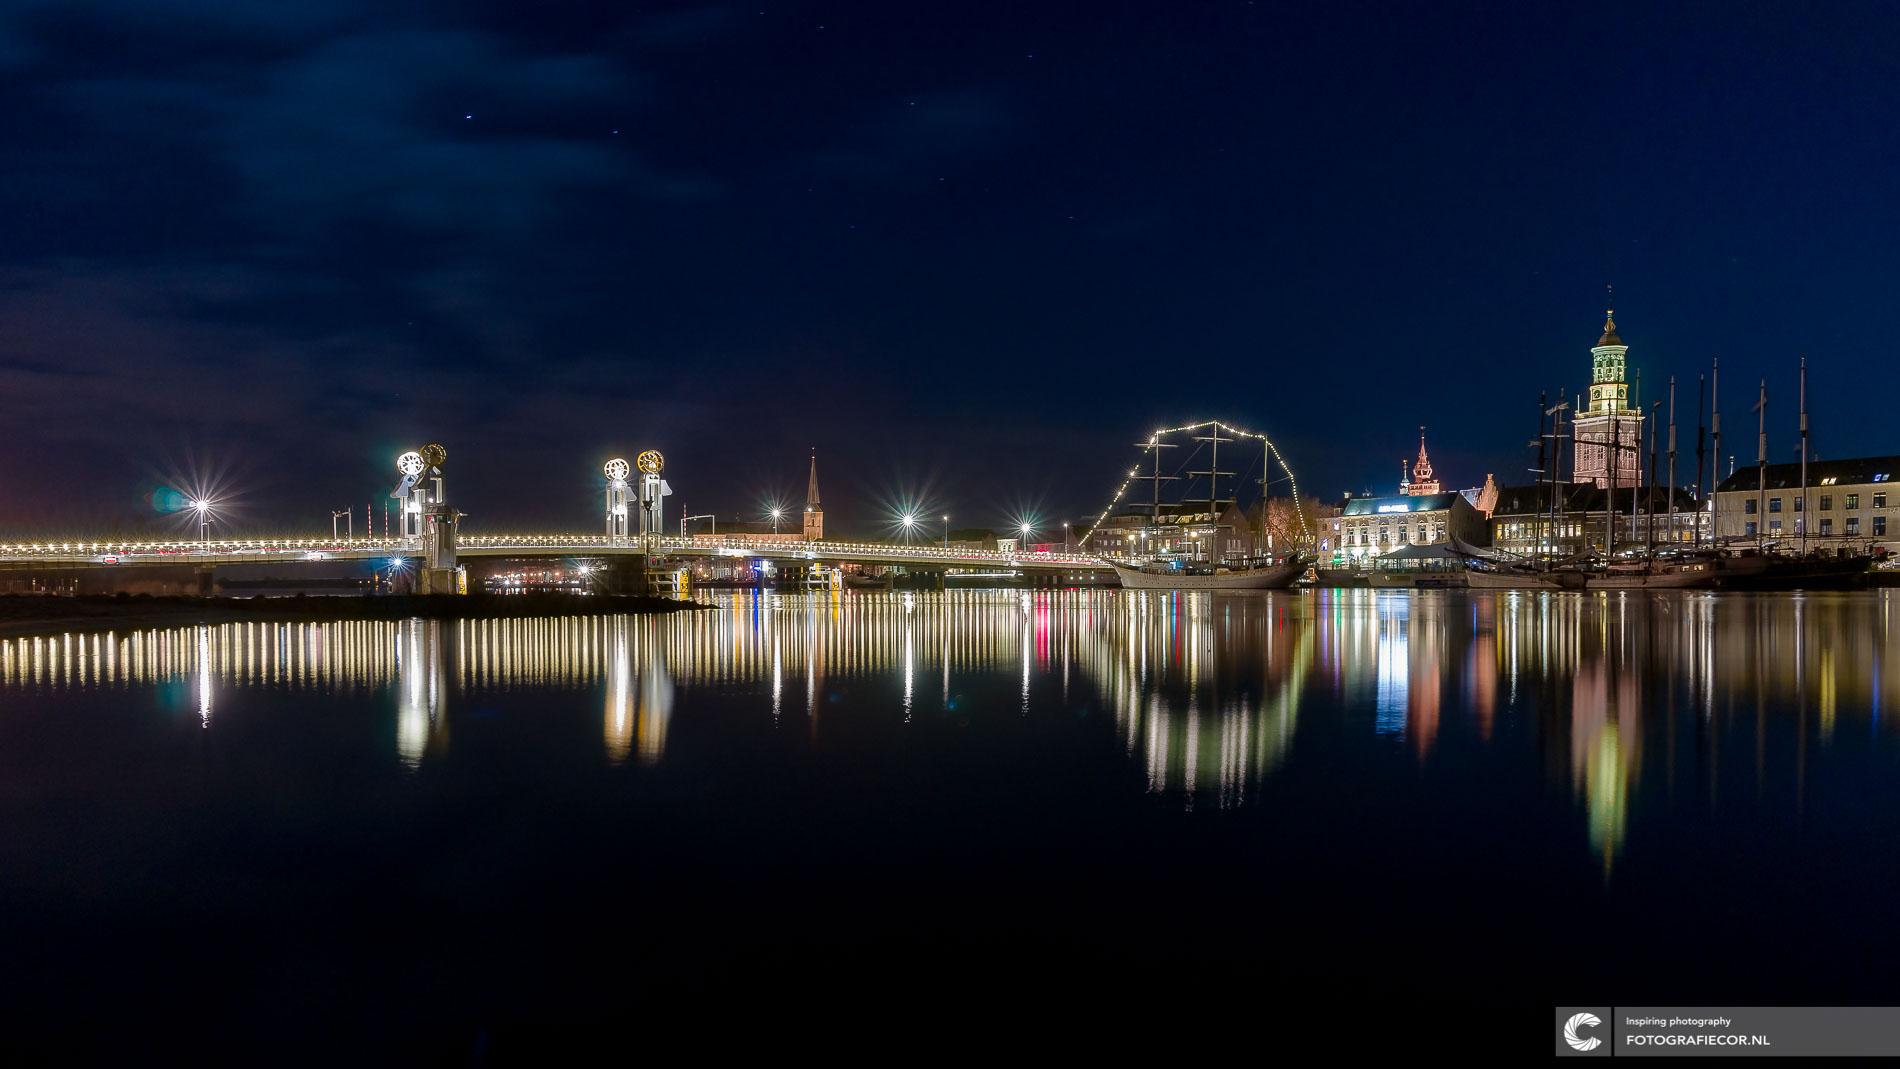 Prachtige avondfotografie van lichtstad Kampen - Overijssel me long exposure fotografie